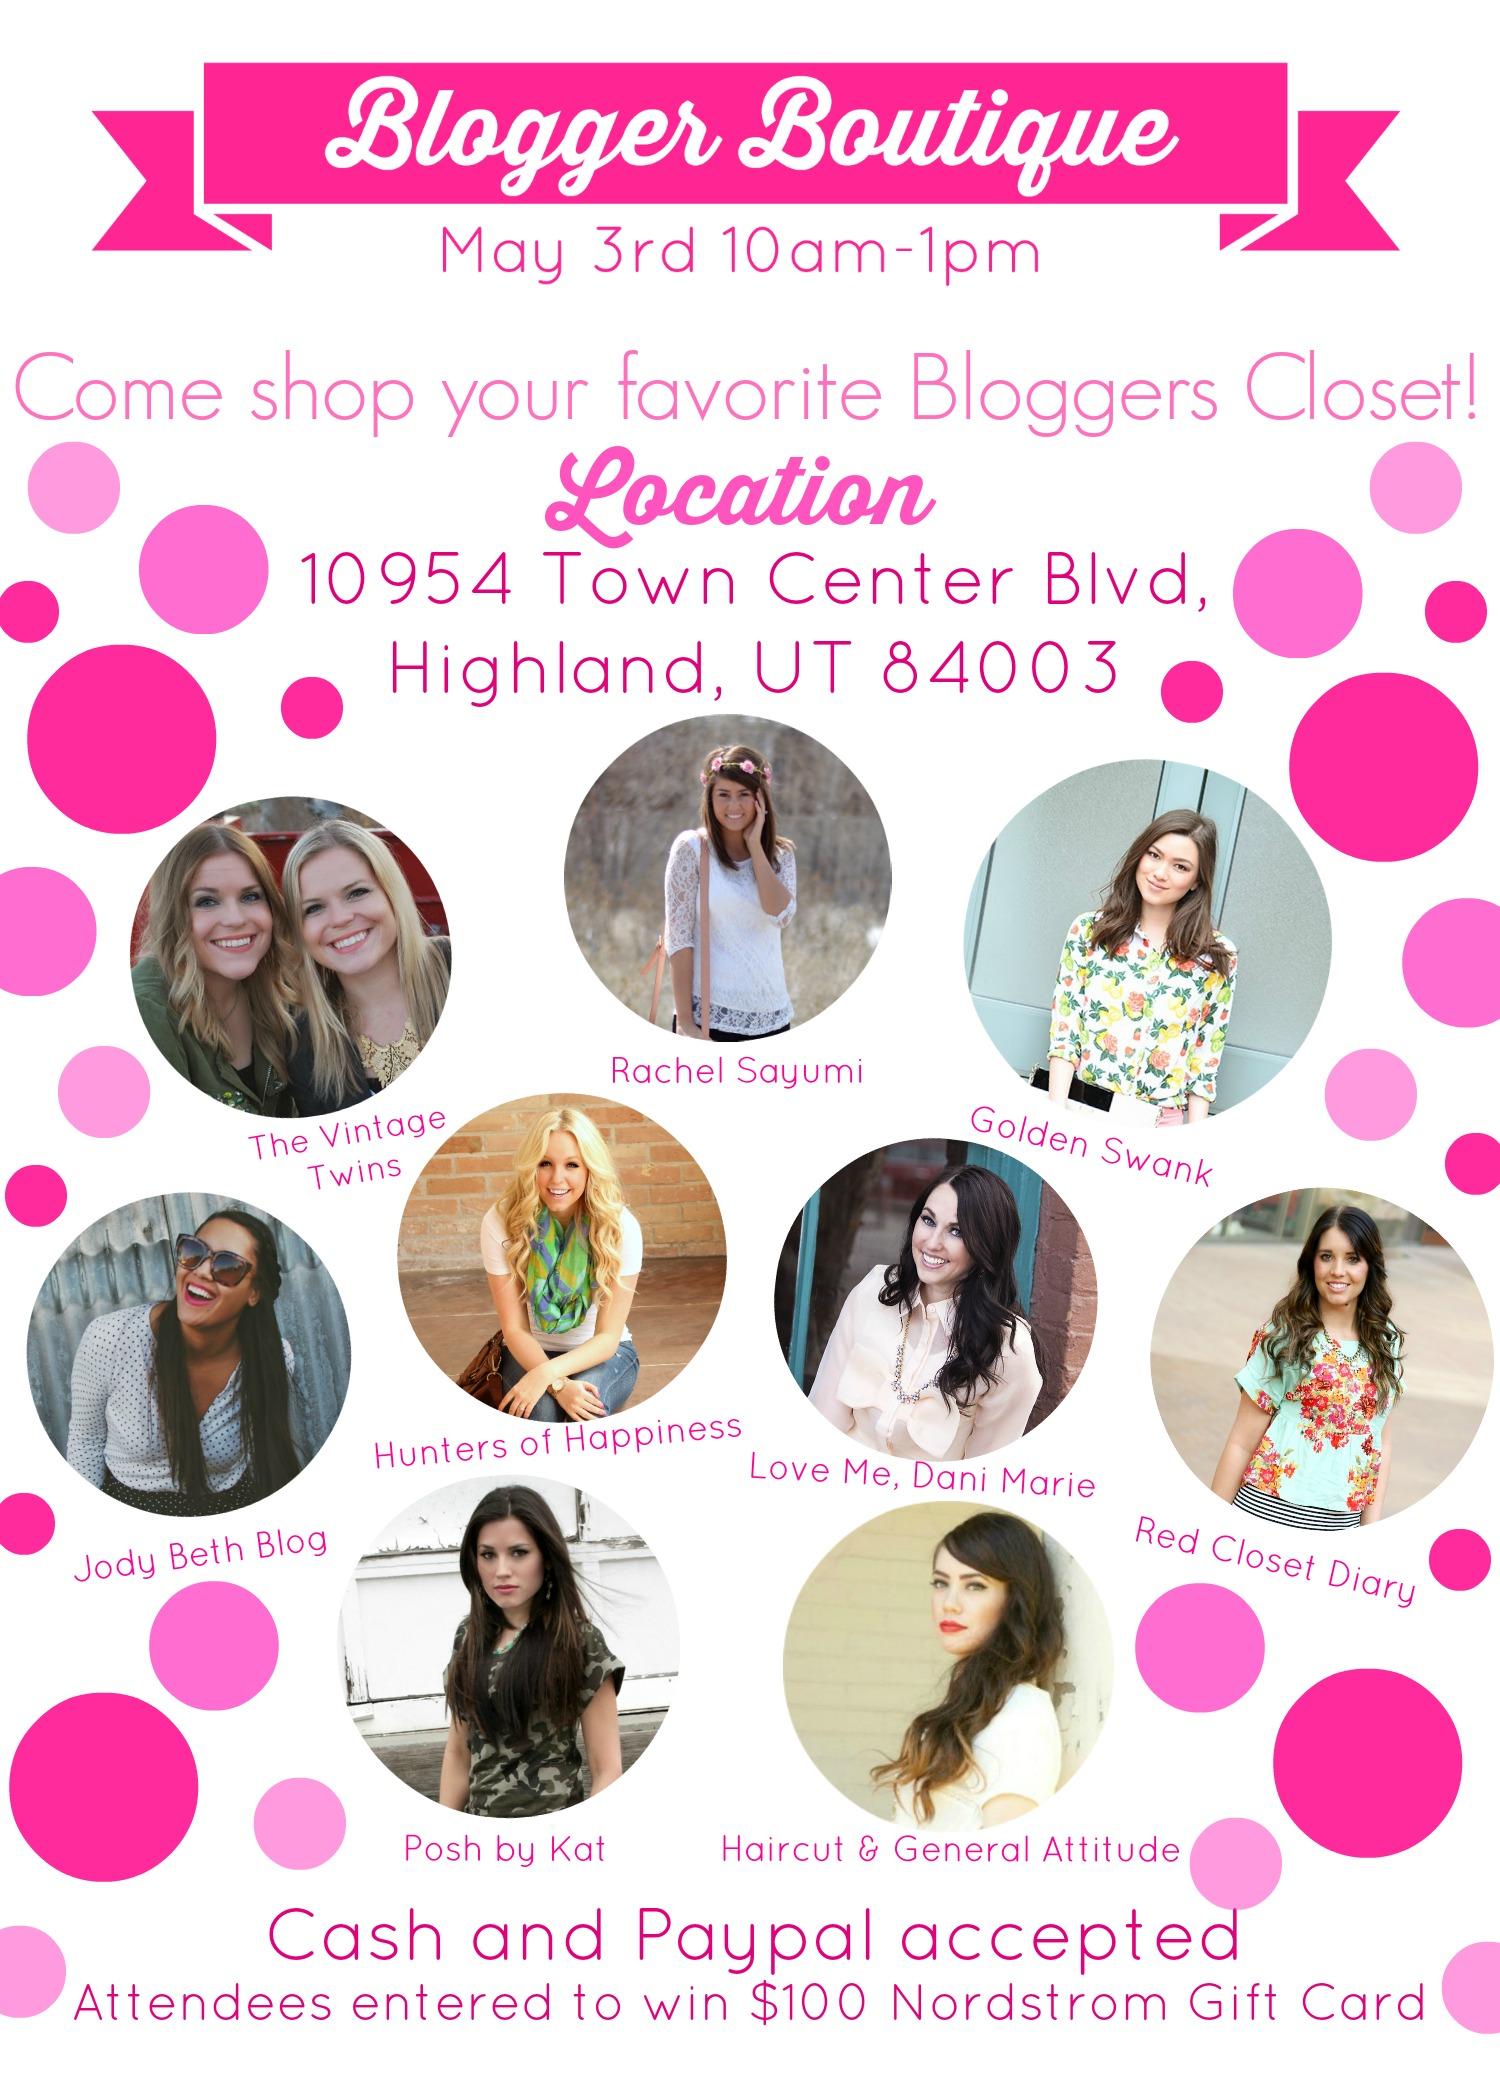 bloggers boutique